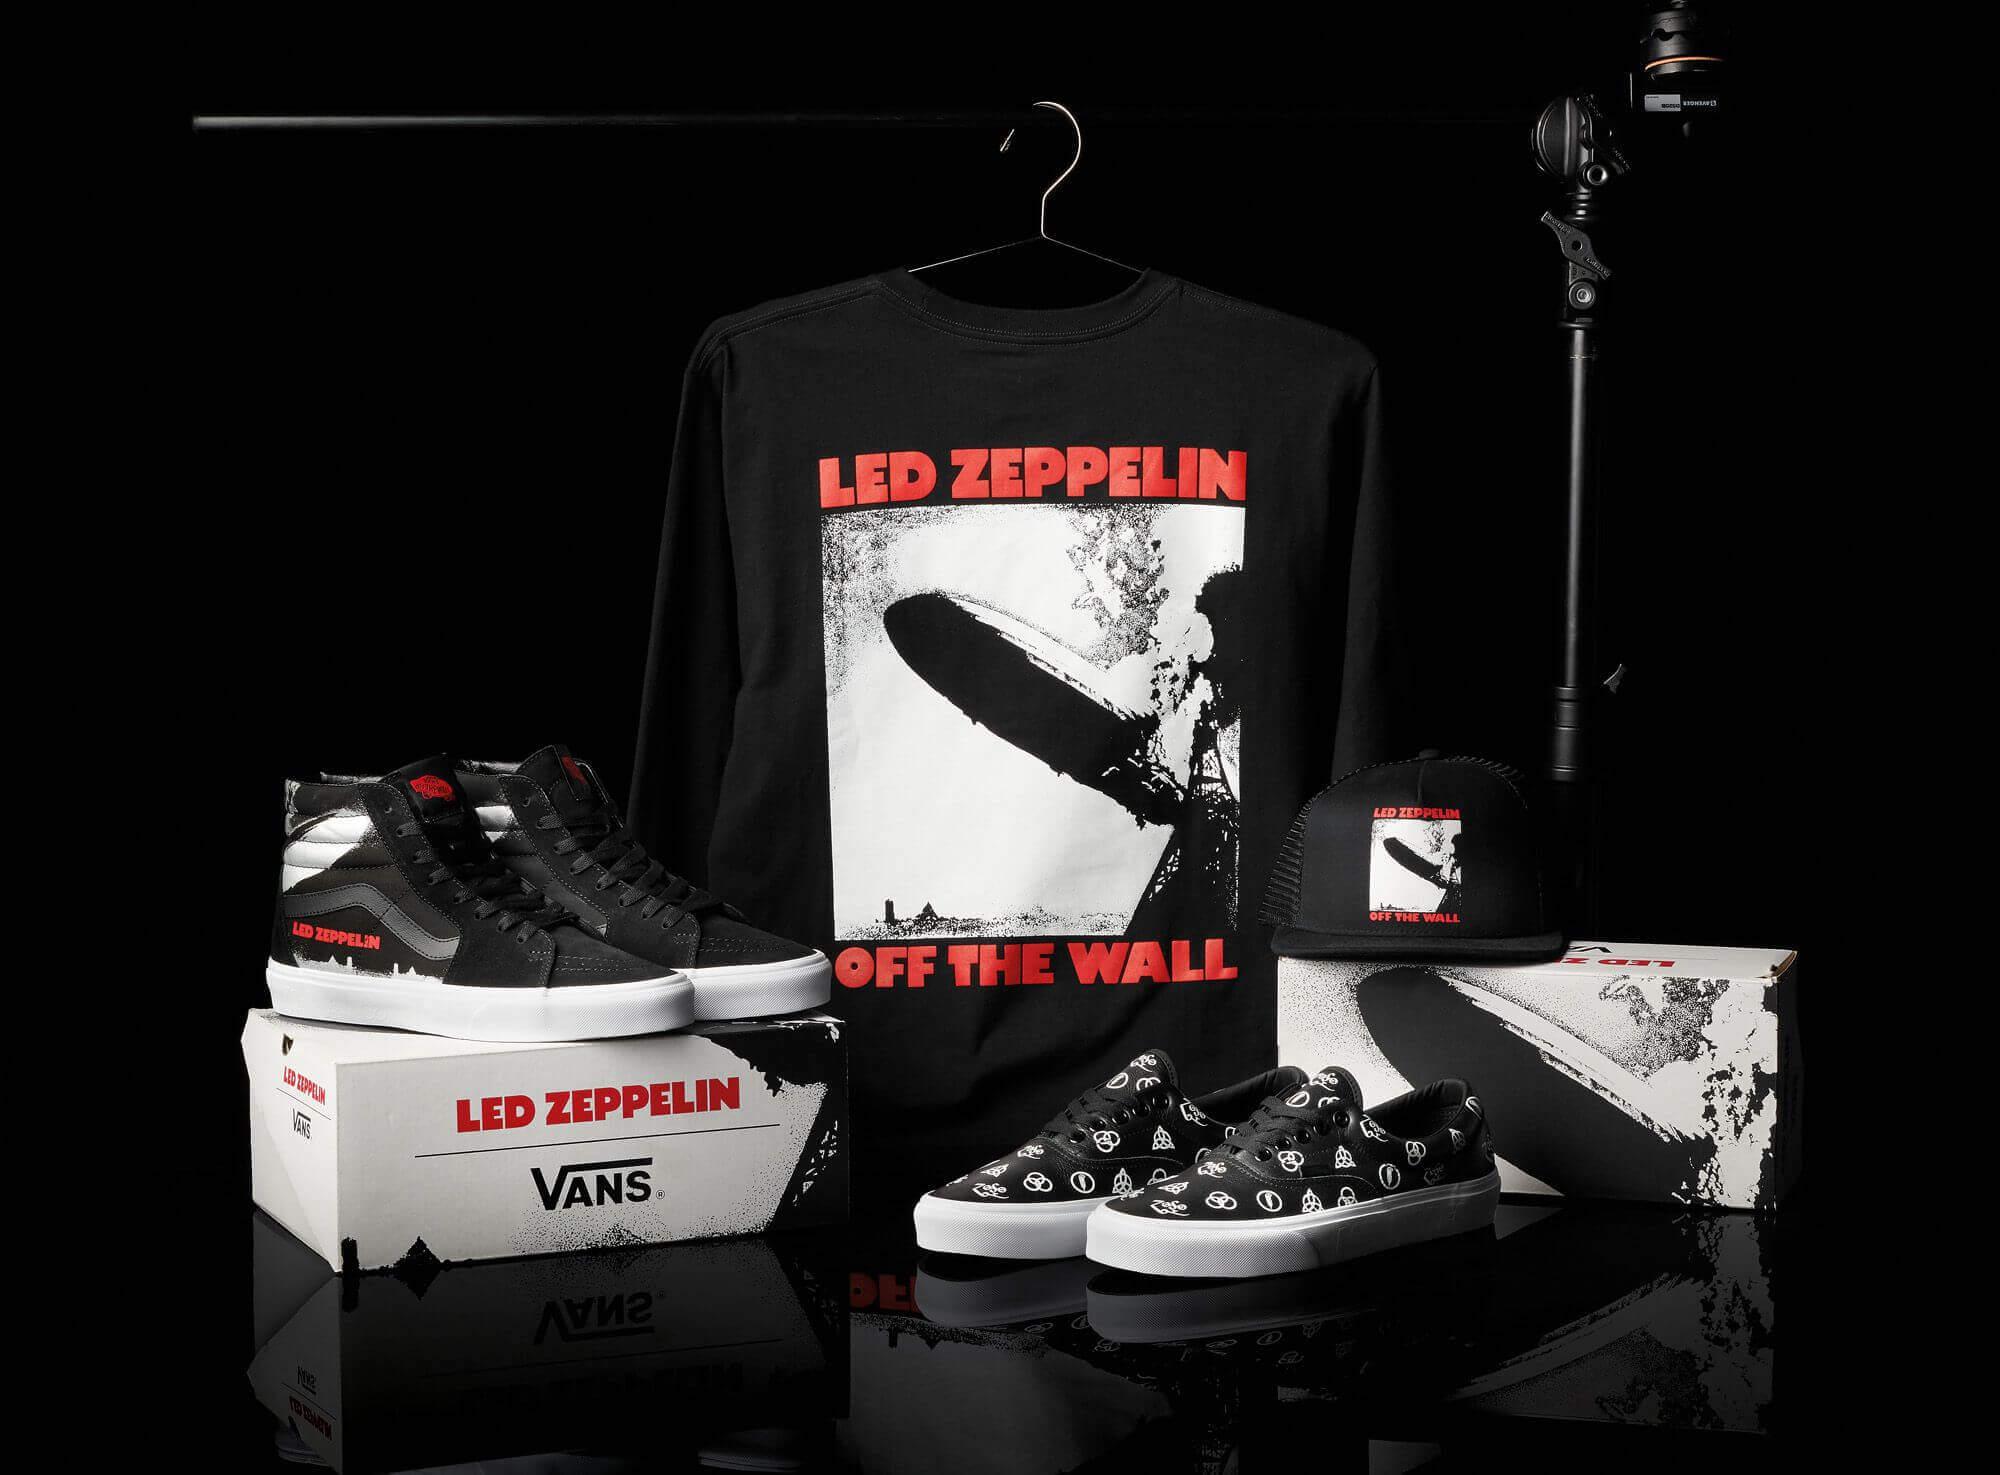 Vans y Led Zeppelin lanzaron una colección de ropa y calzado